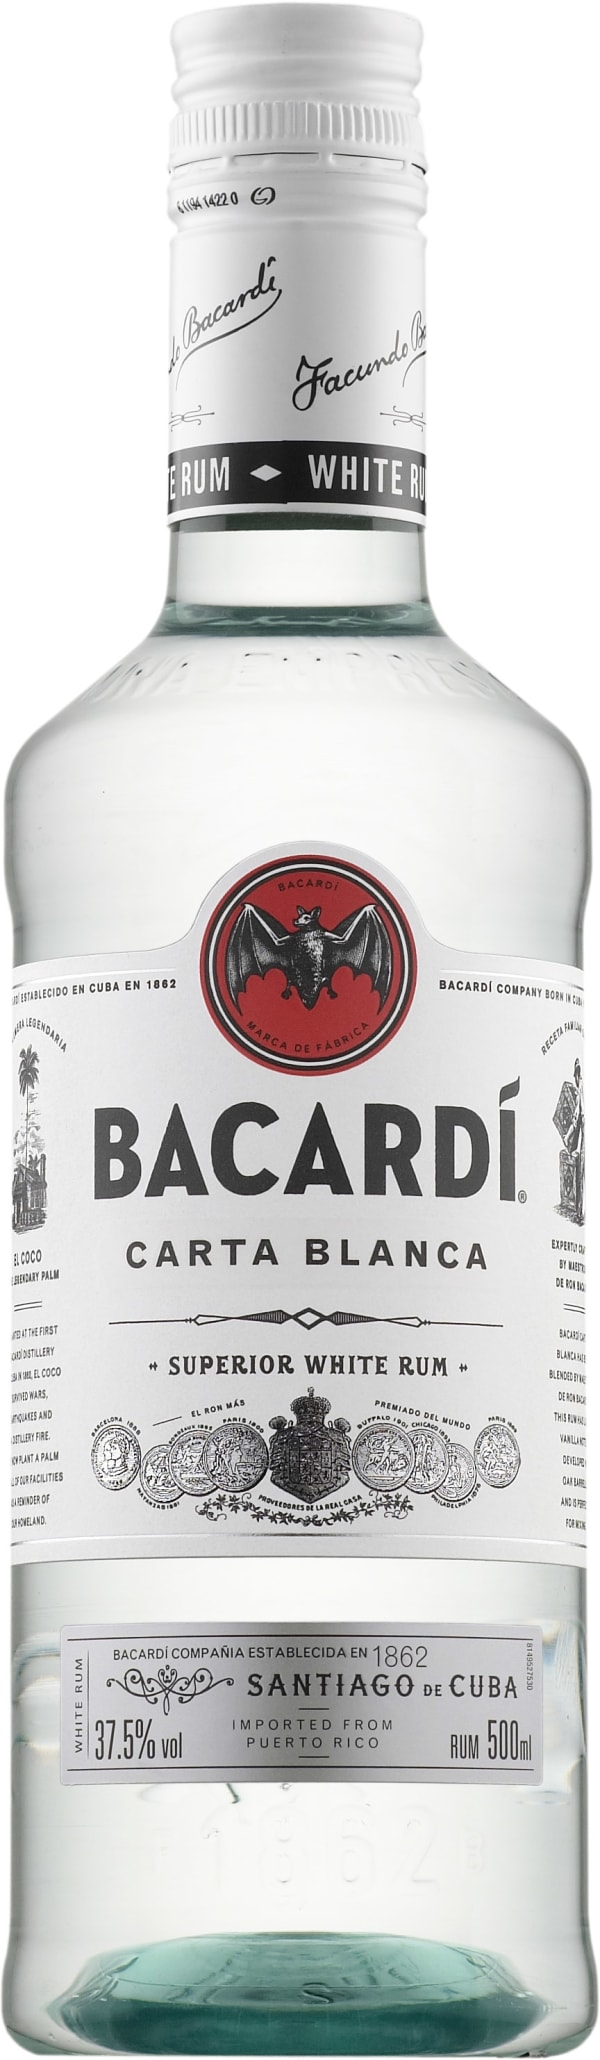 Bacardi Carta Blanca  plastic bottle